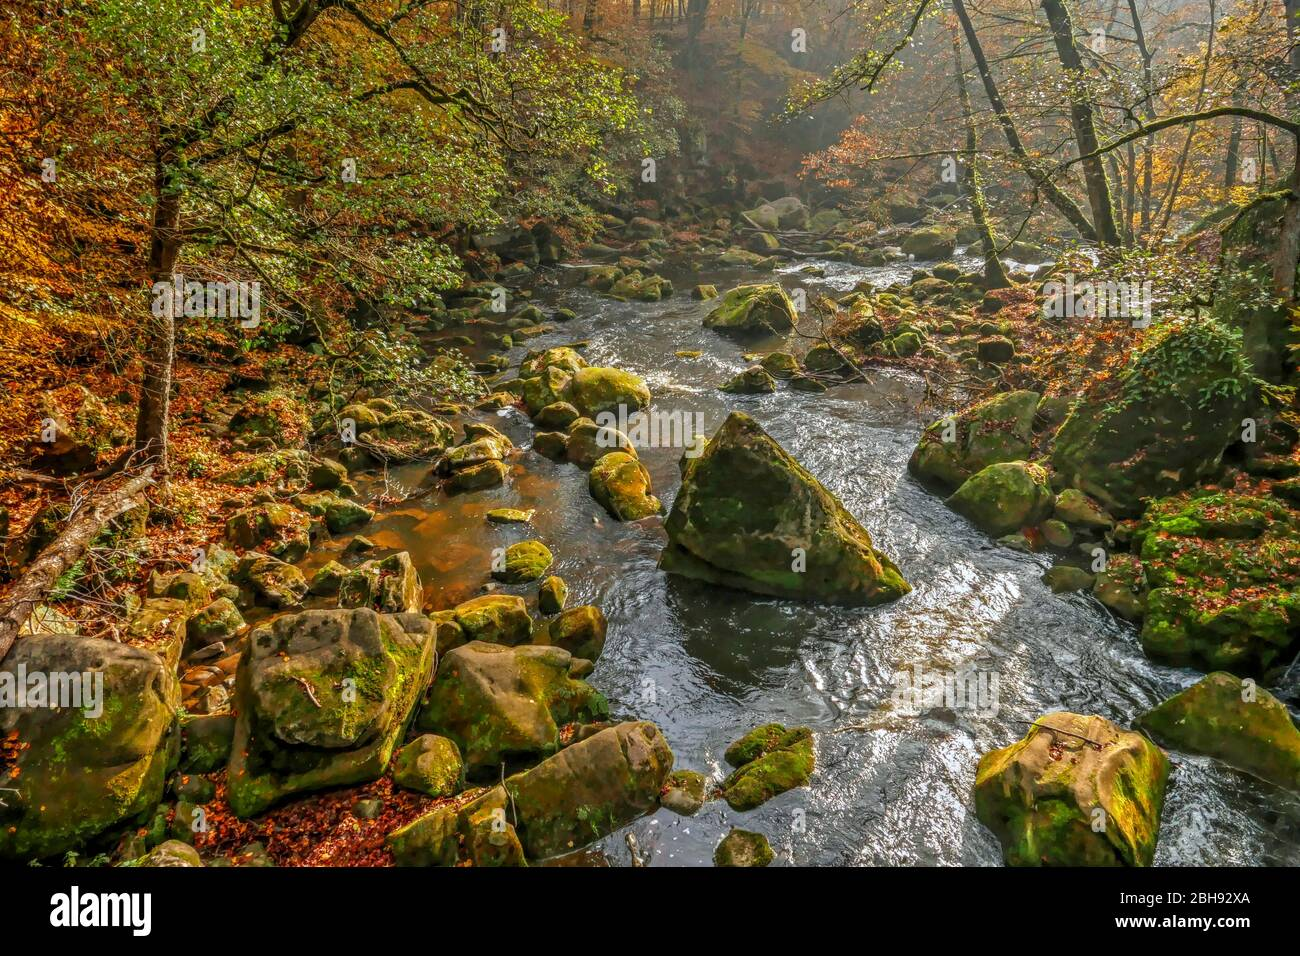 Río Prüm en las cascadas de Irrel cerca de Irrel, reserva natural del sur de Eifel, Renania-Palatinado, Alemania Foto de stock